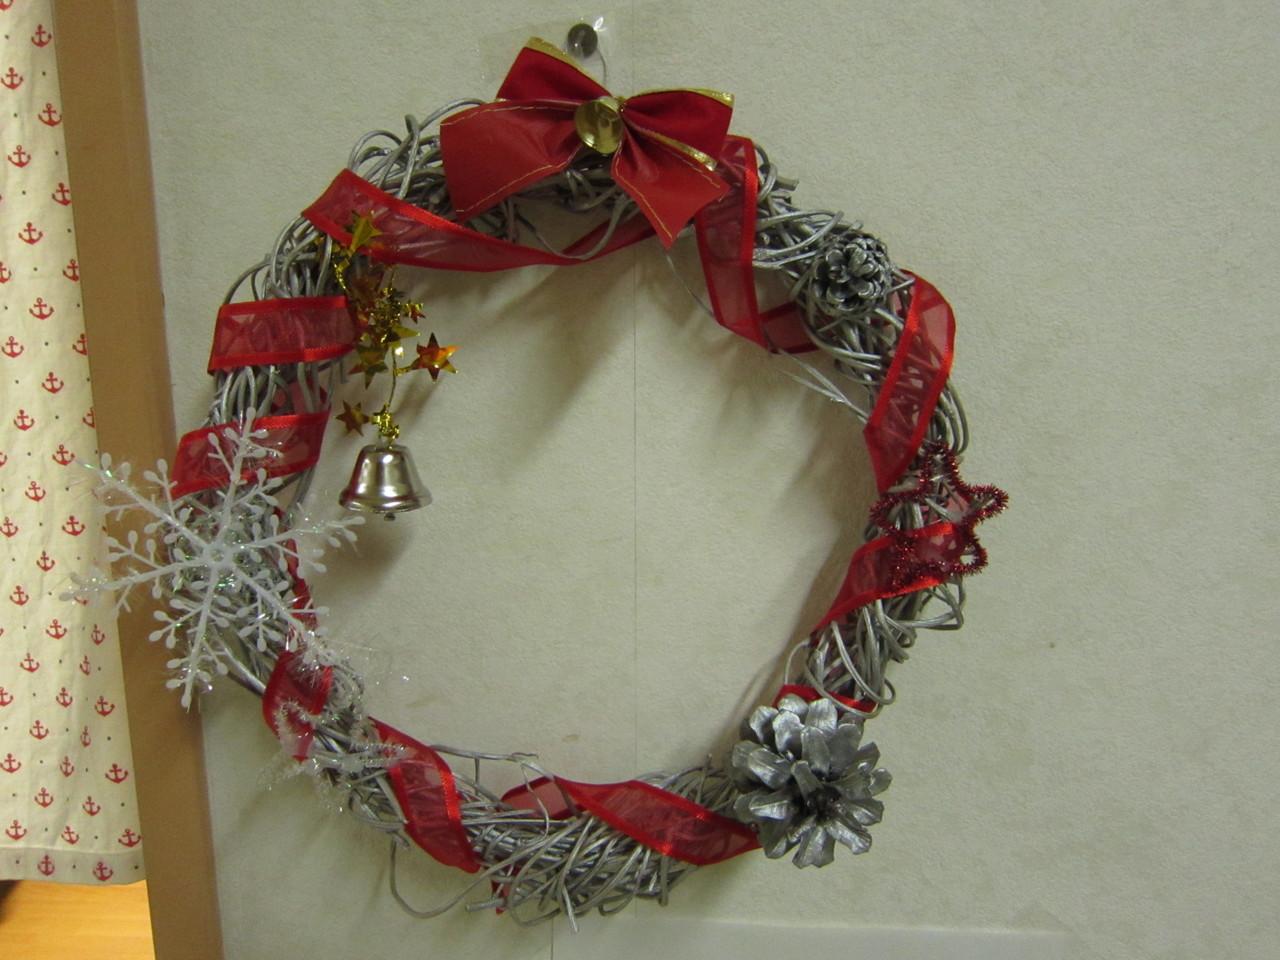 今年はどんなクリスマスになるでしょうか